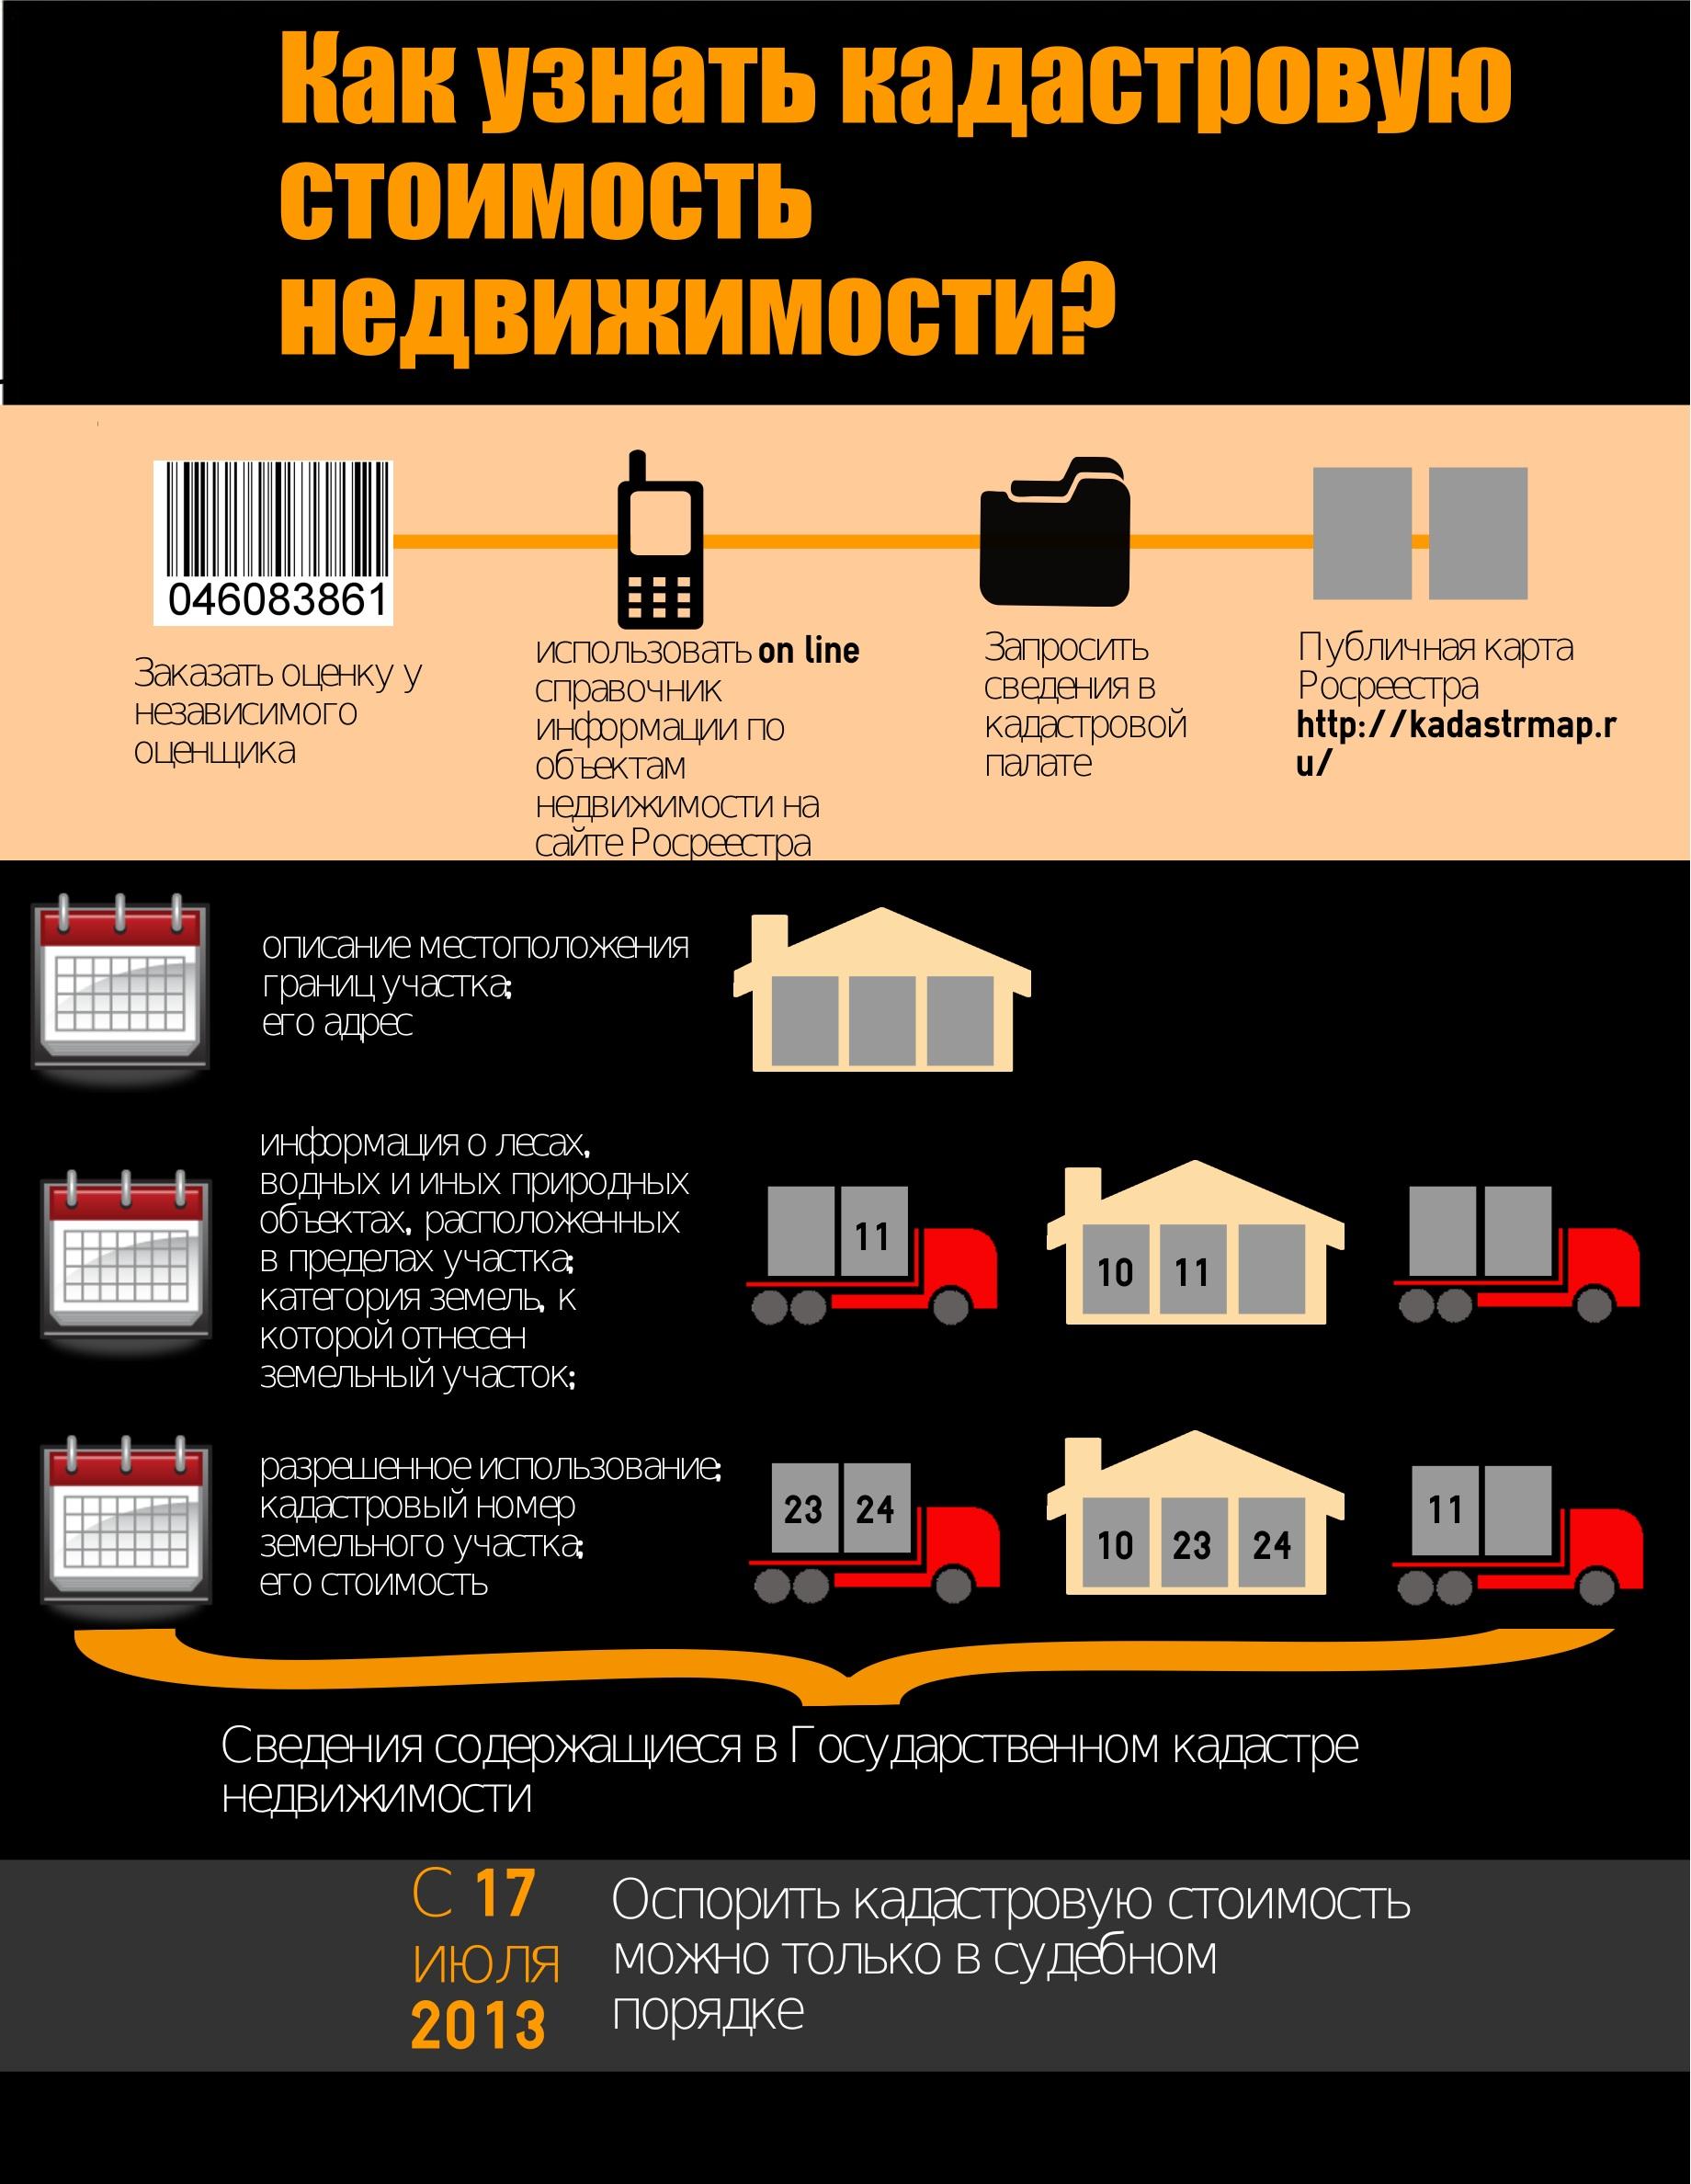 Что значит и от чего зависит кадастровая стоимость жилья